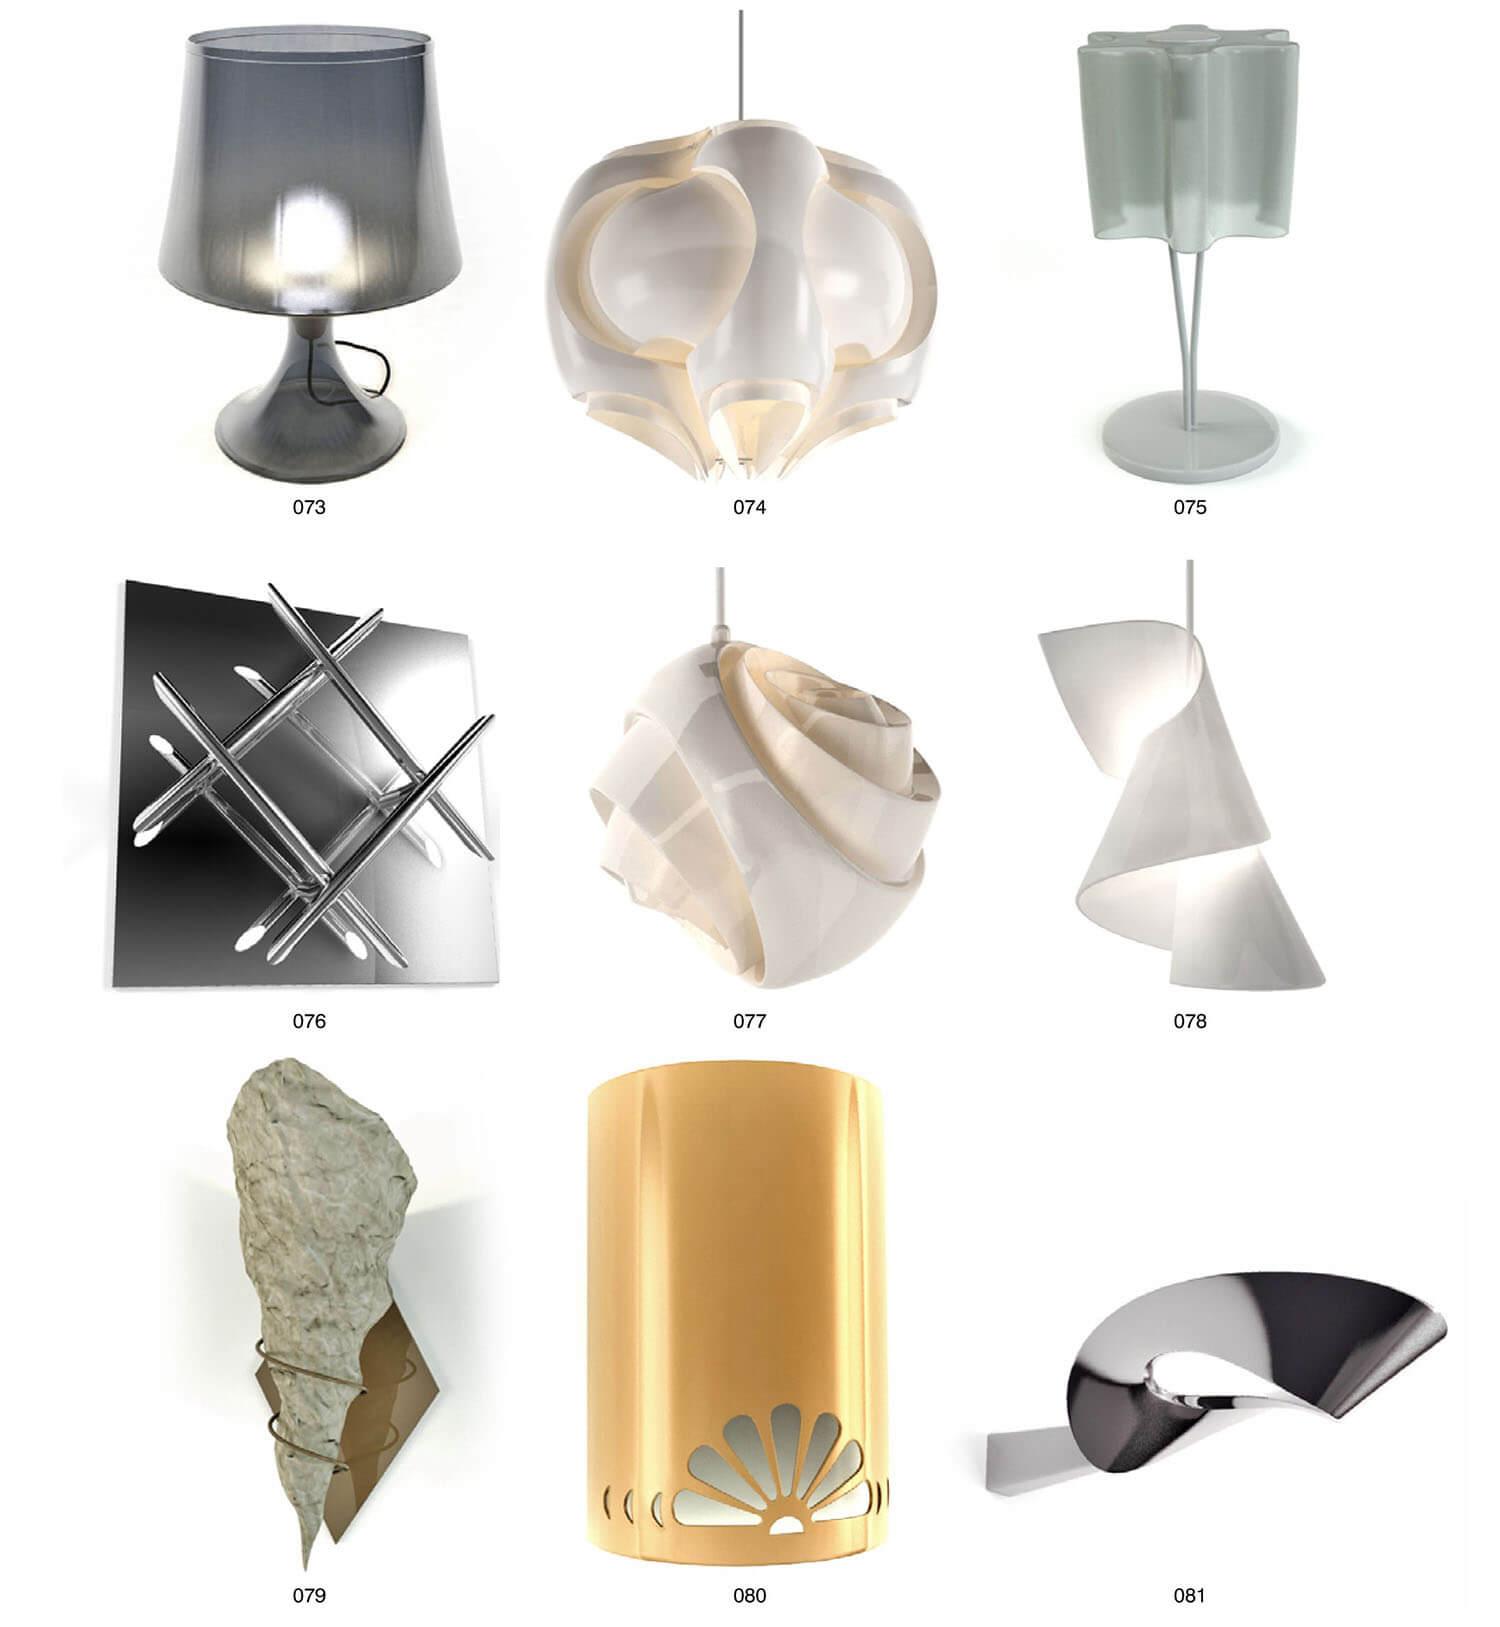 Ngoài là 1 chiếc đèn, nó còn là 1 tác phẩm nghệ thuật